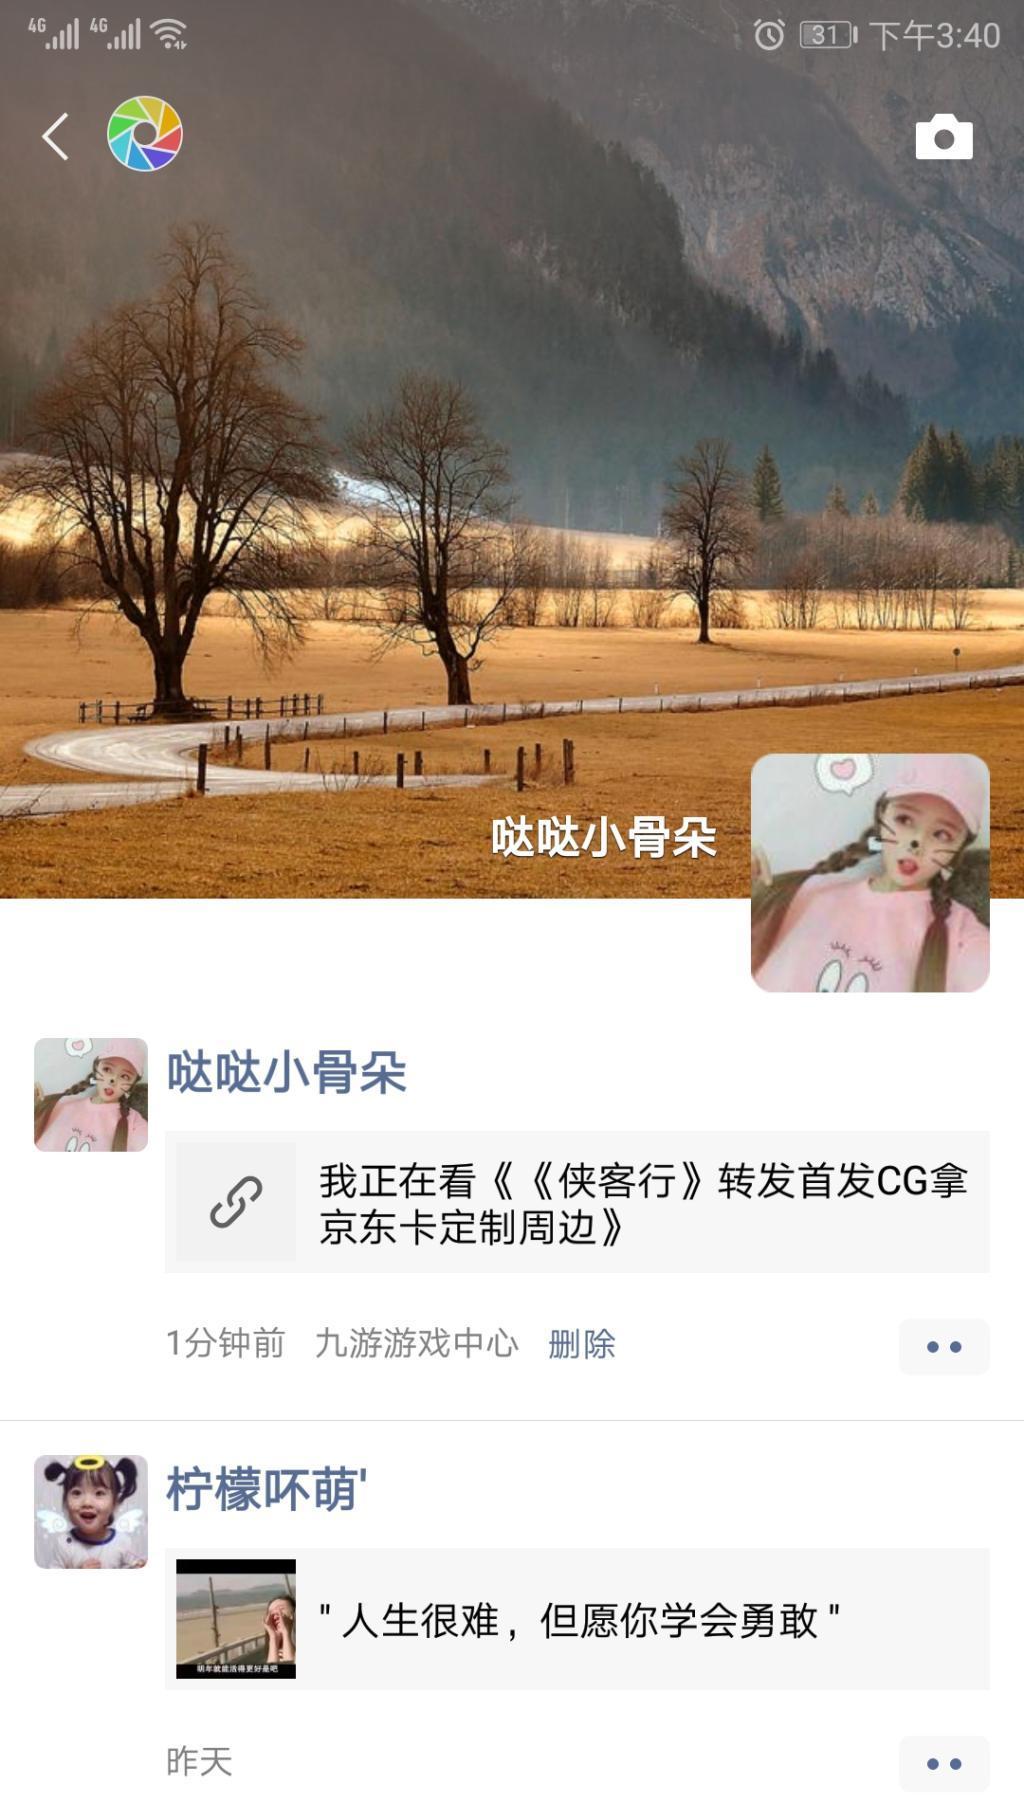 Screenshot_20190113s154056.jpg